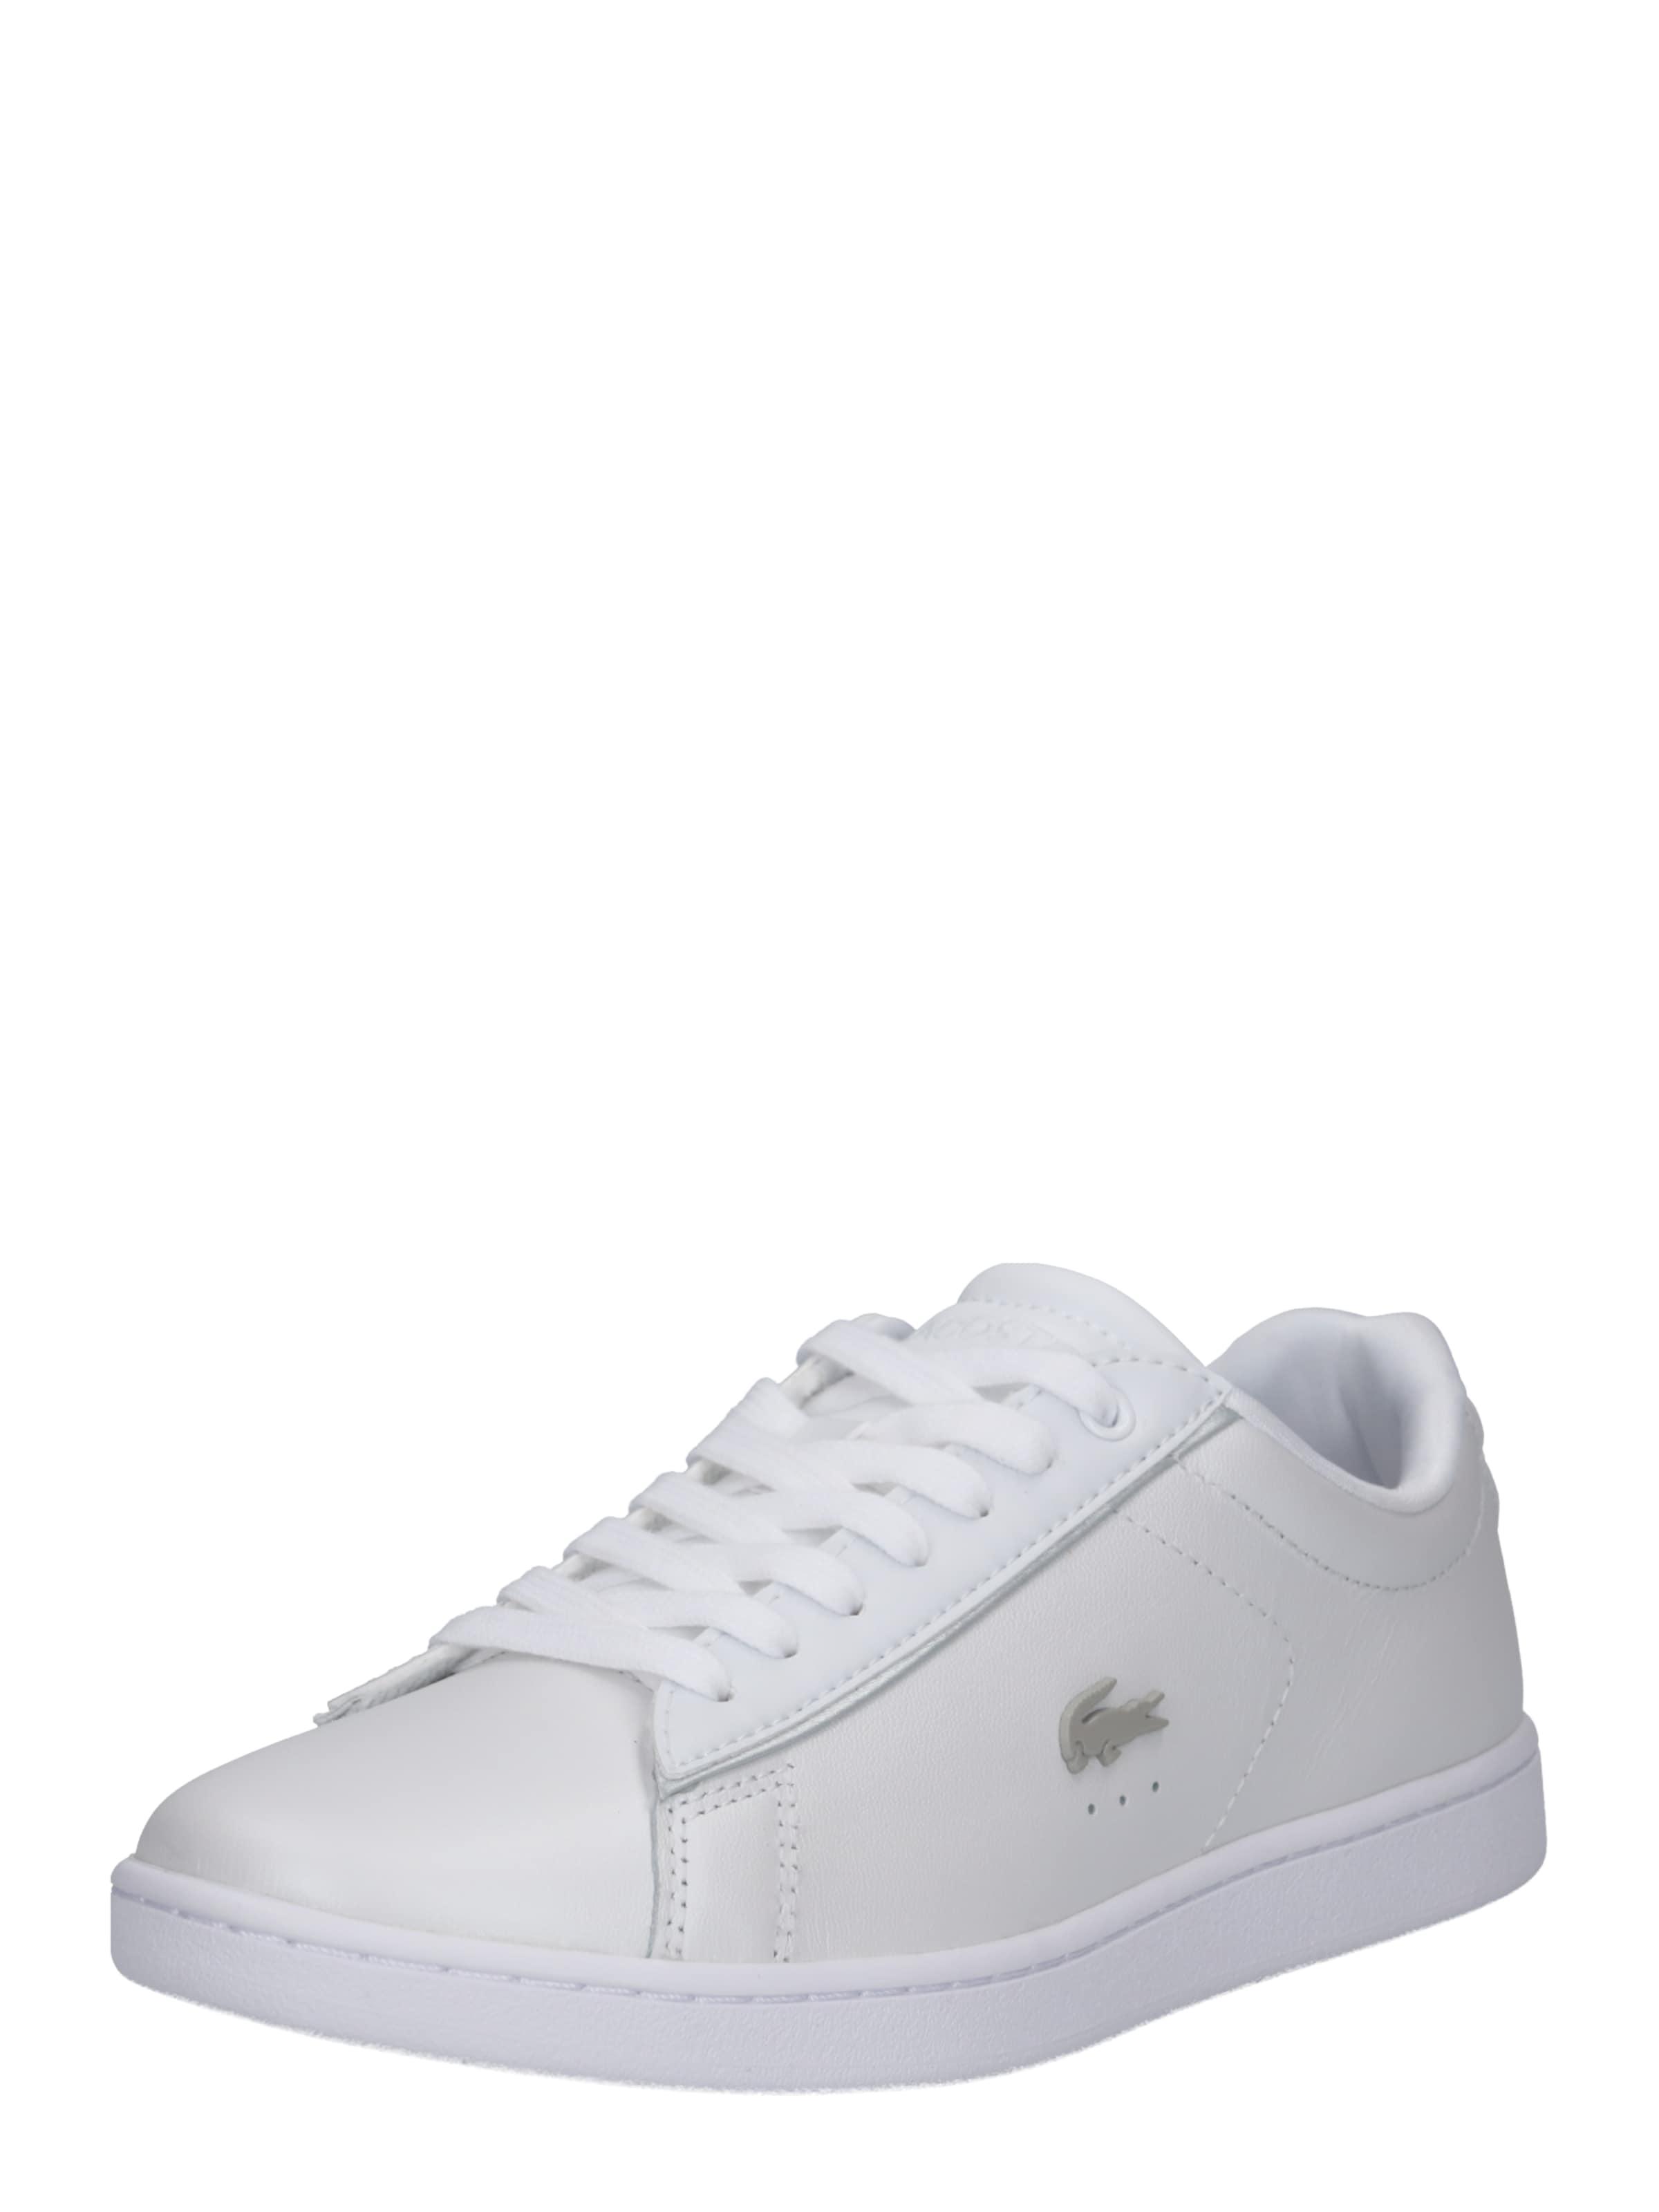 Evo' Weiß In 'carnaby Lacoste Sneaker byf6Y7g